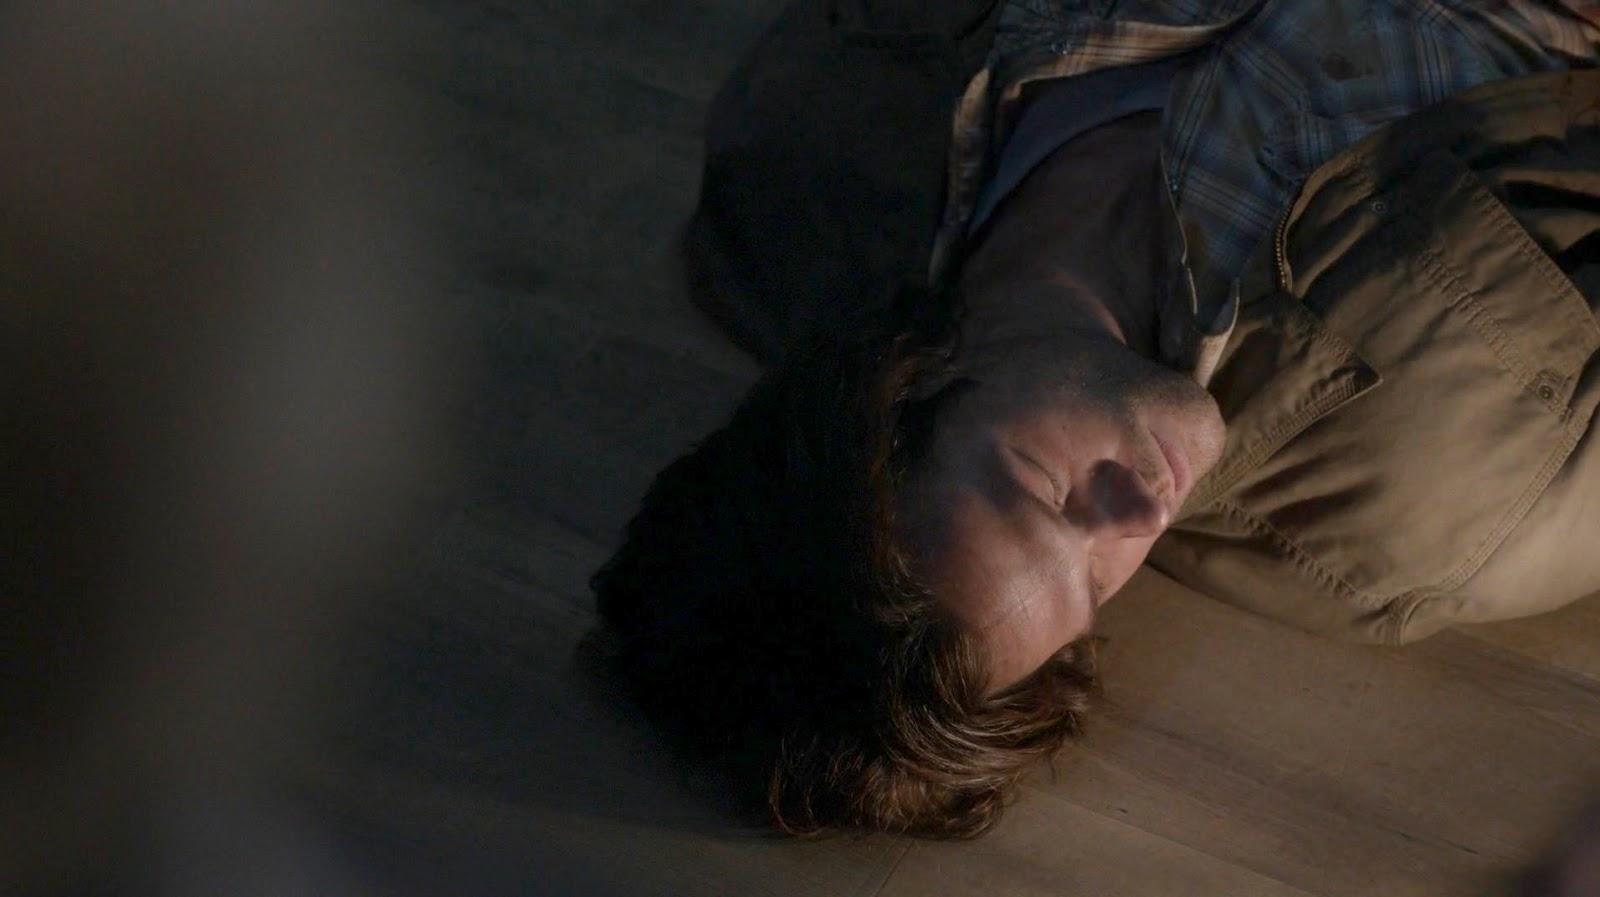 sweetondean: Review: Supernatural 11x17